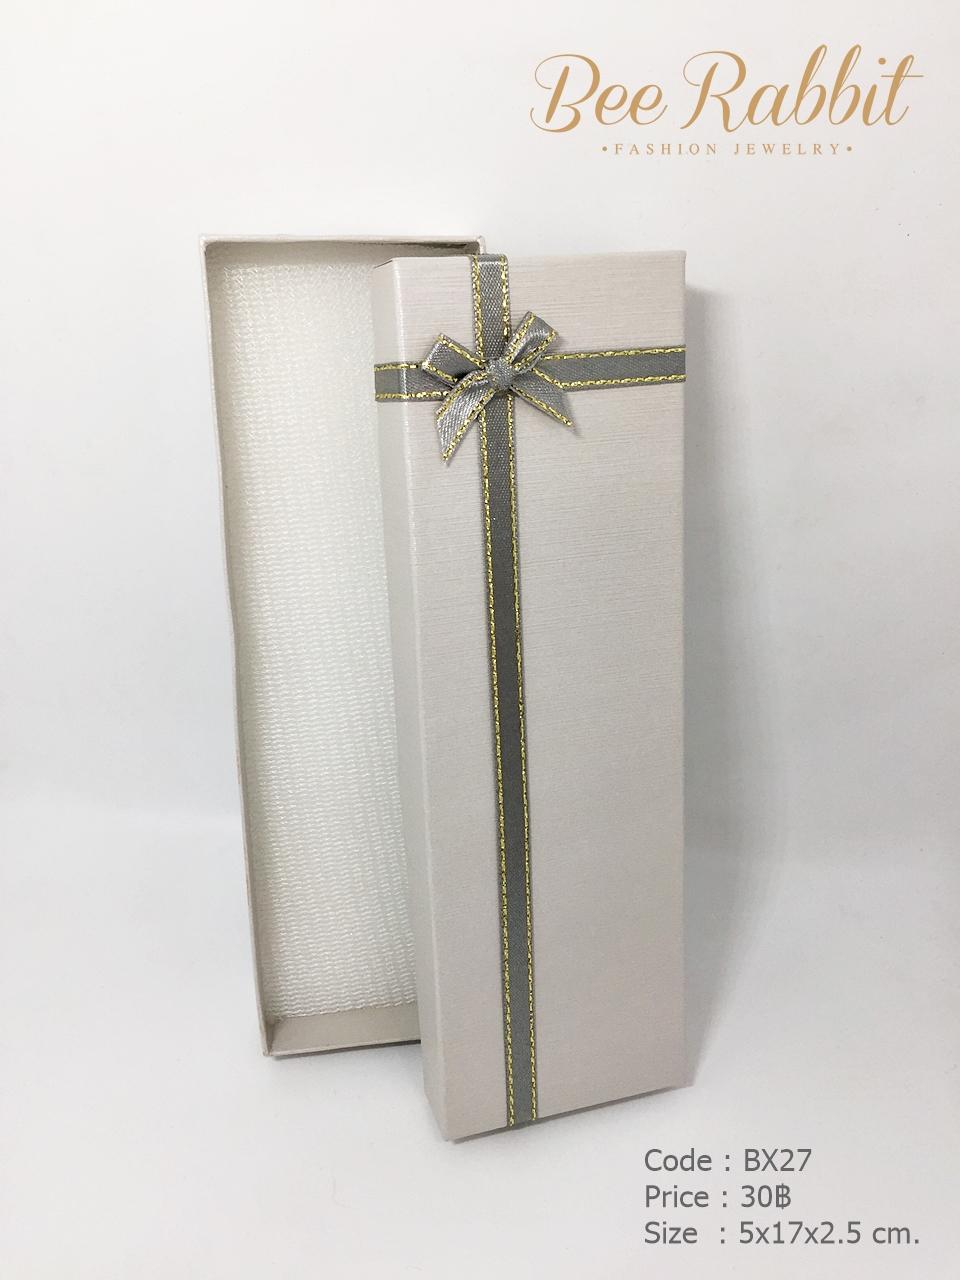 กล่องของขวัญสีเทาอ่อน แบบยาว แต่งริบบิ้น